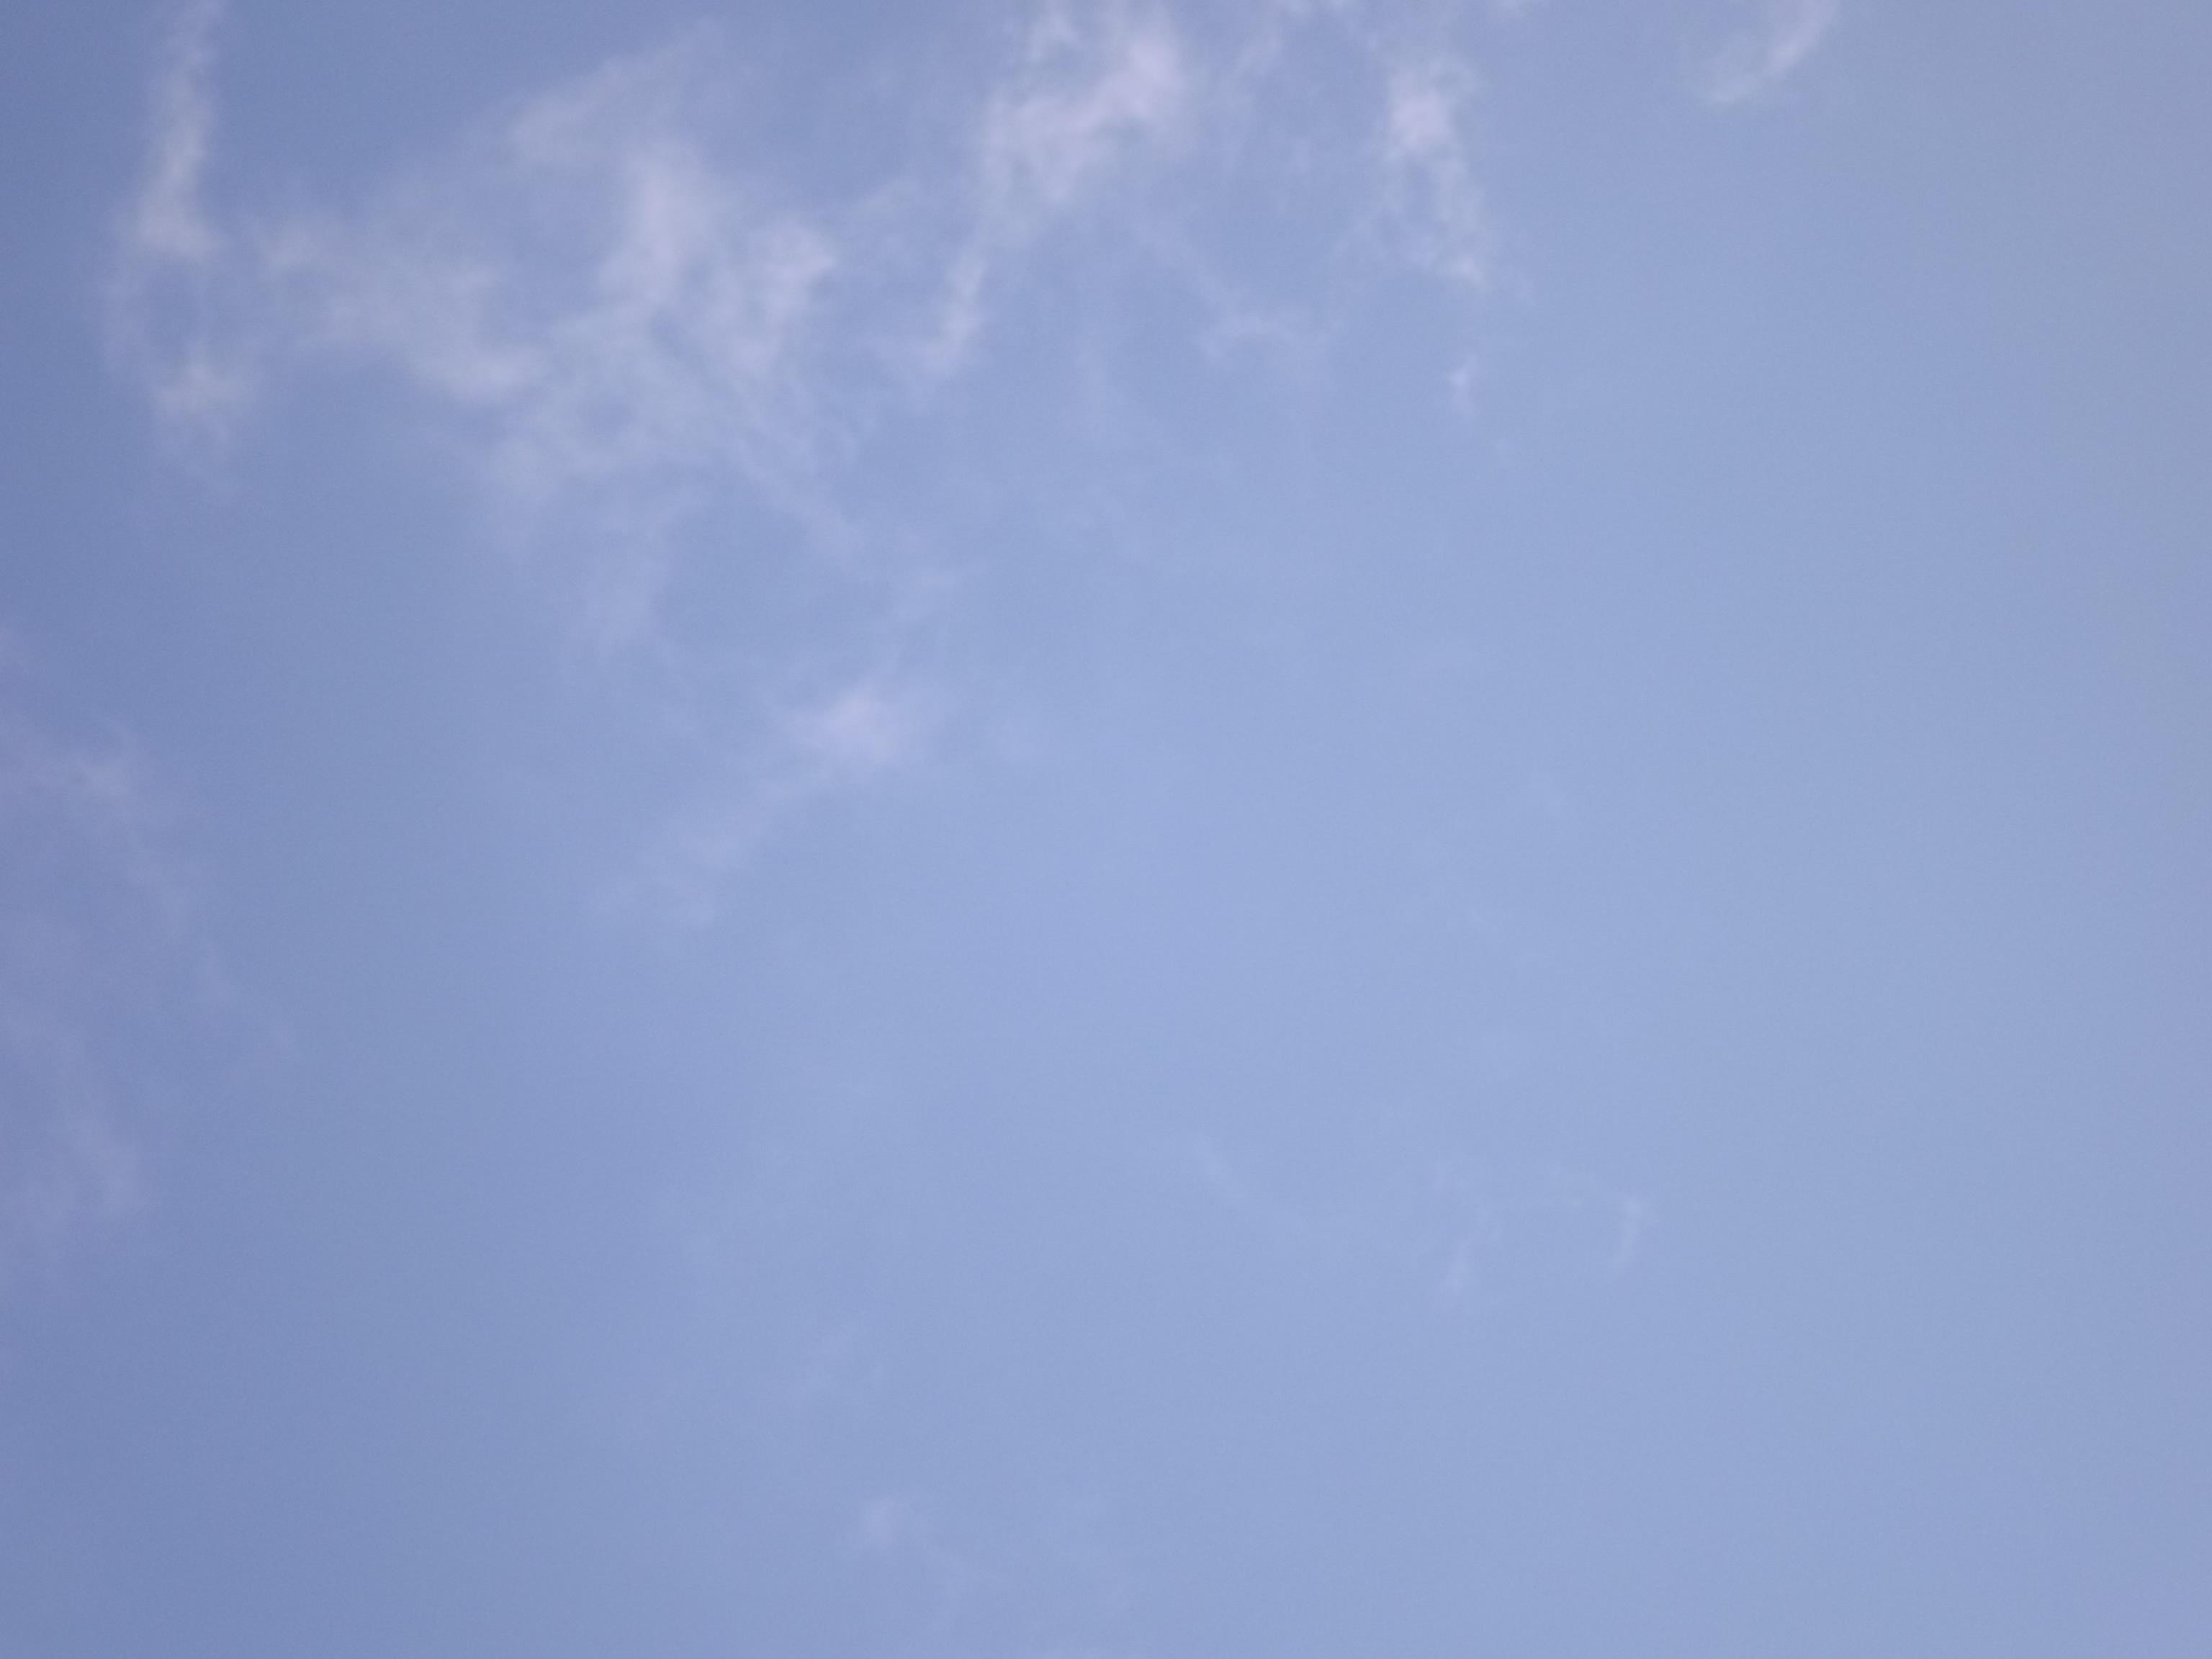 6374-wolke-himmel-blau